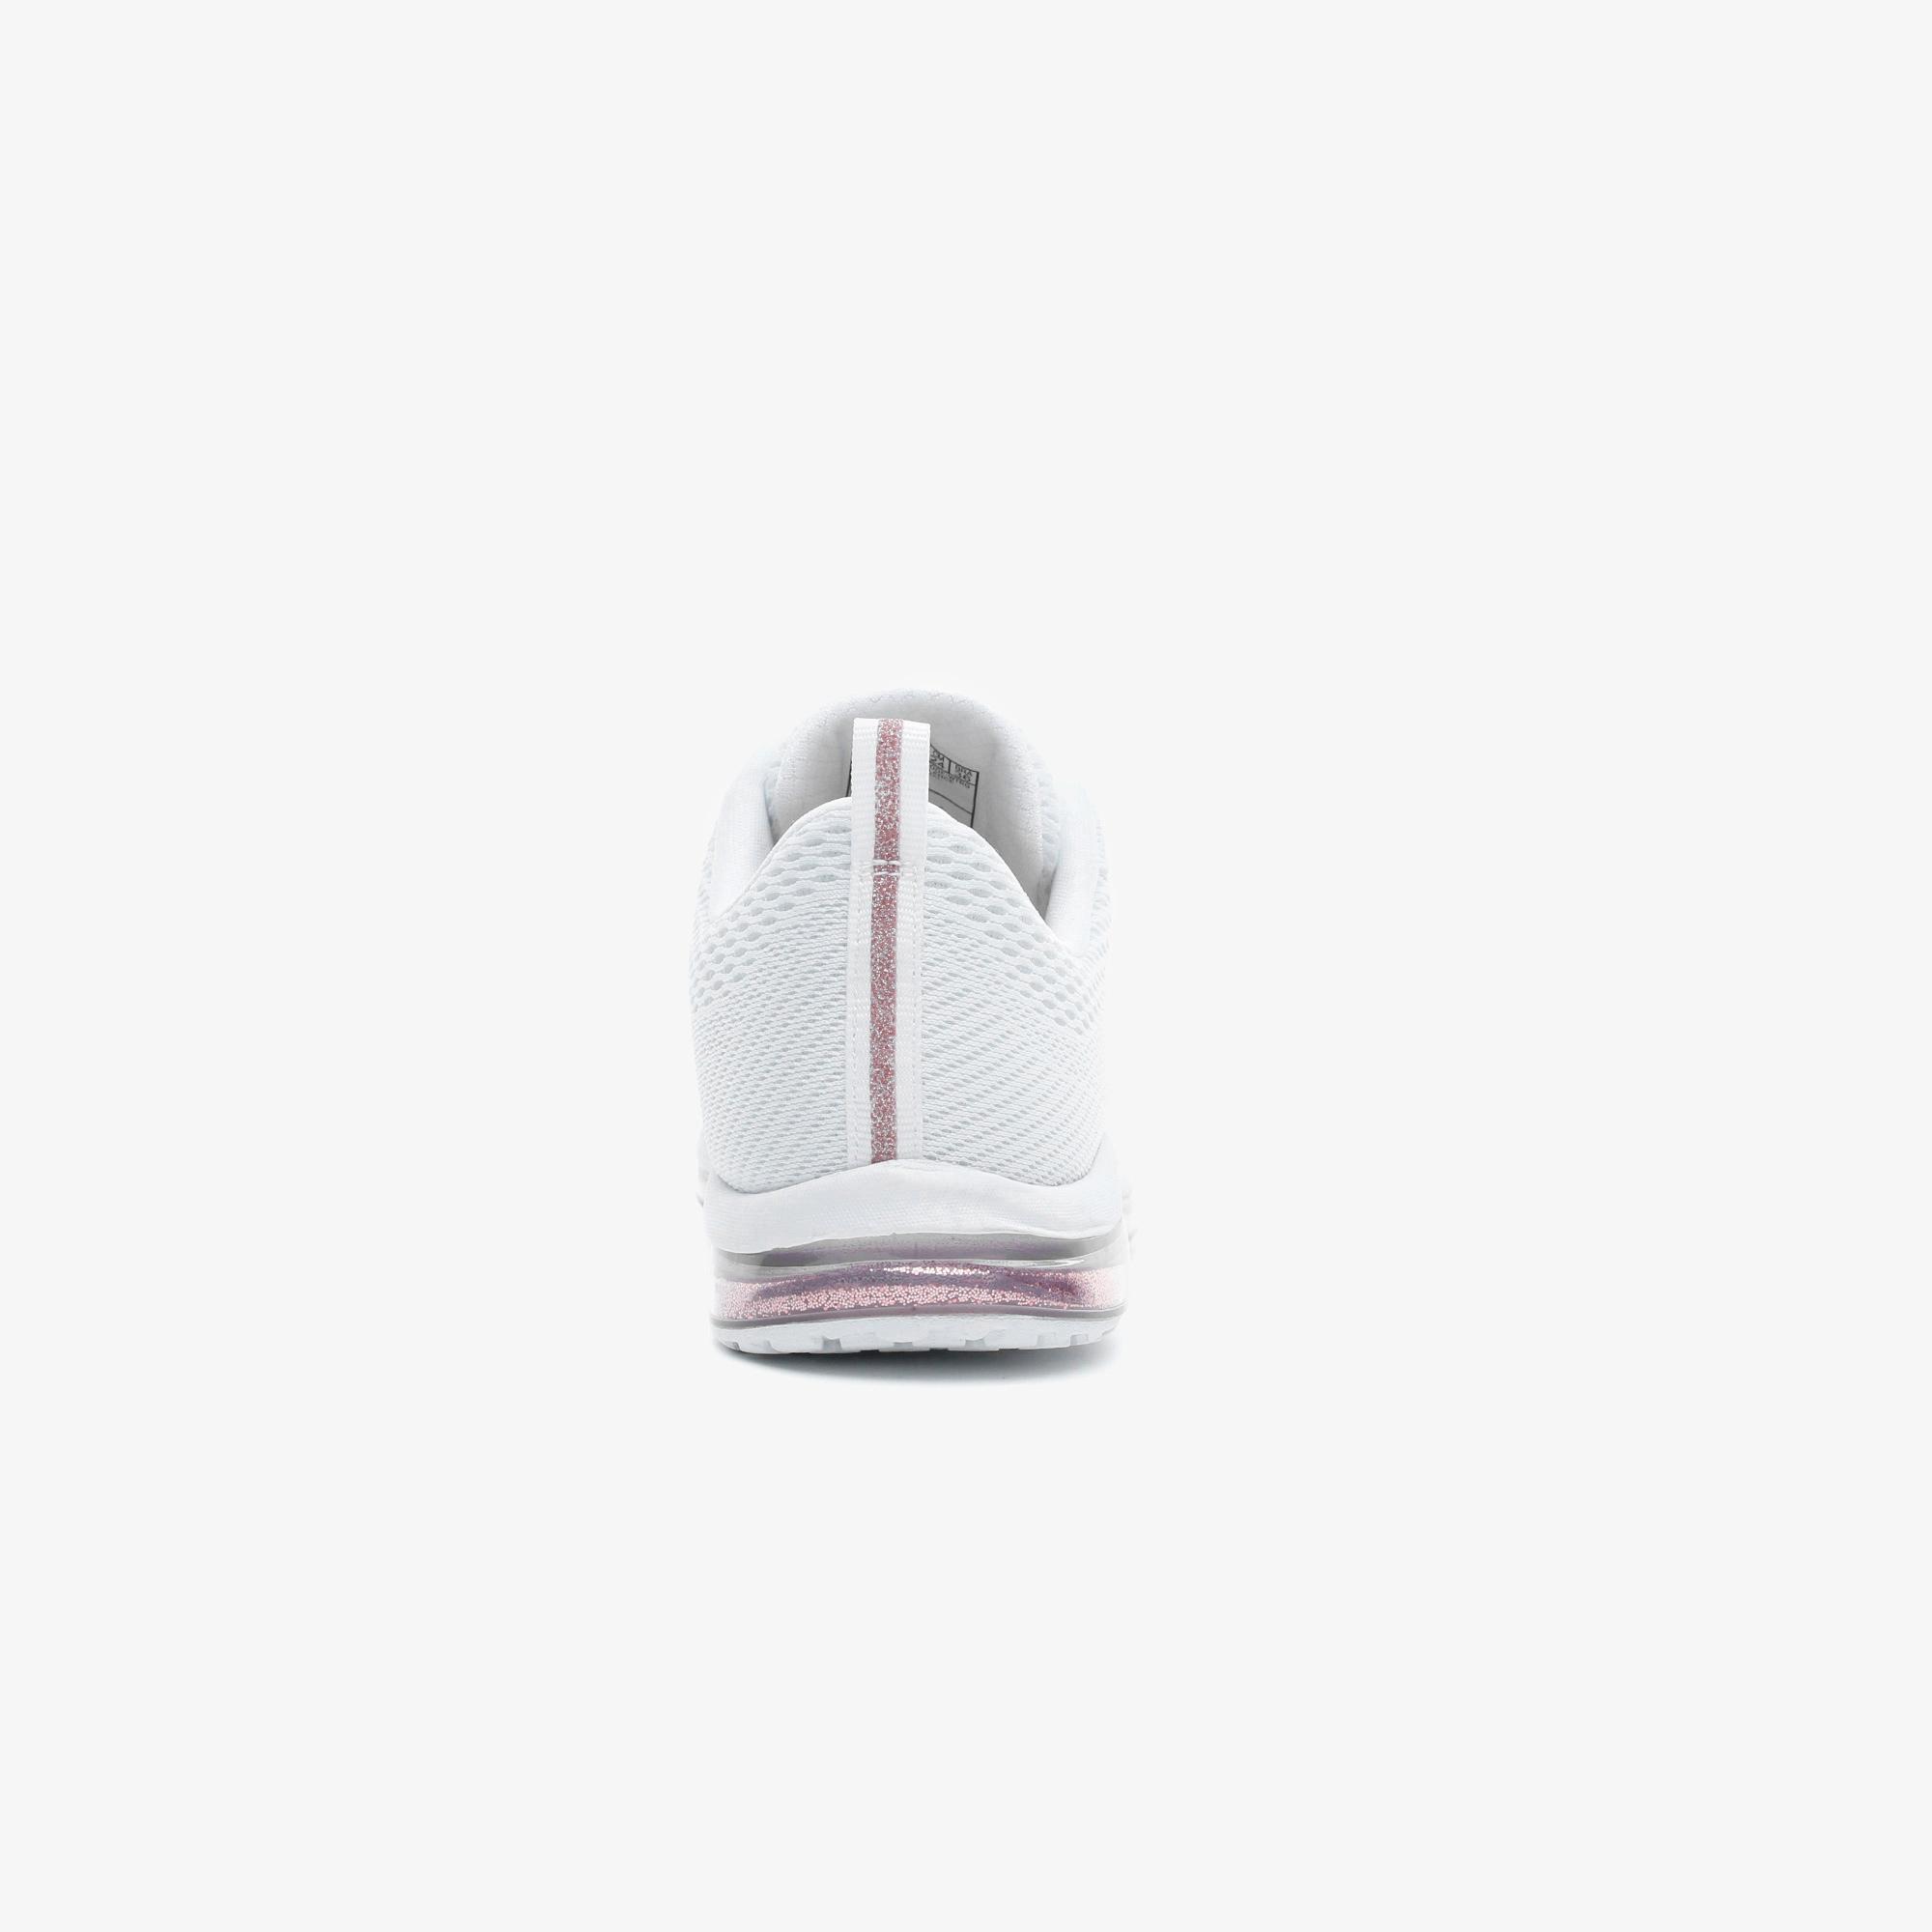 Skechers Skech-Air Element Beyaz Kadın Spor Ayakkabı